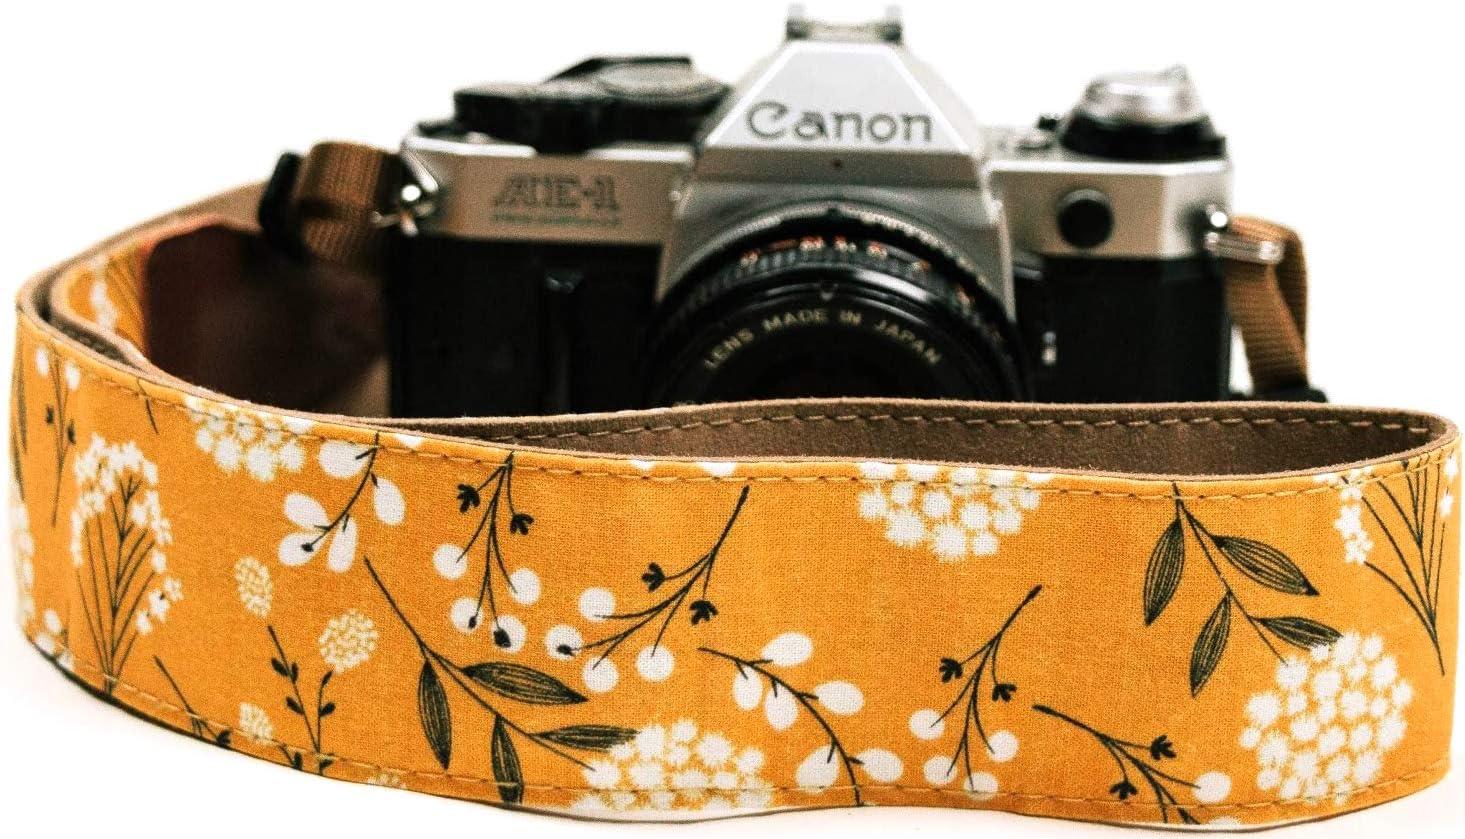 Camera Strap-Camera Strap Cover-Padded Camera Strap Cover Lens Cap Pocket-Photographer Gift-rosa violet pink floral